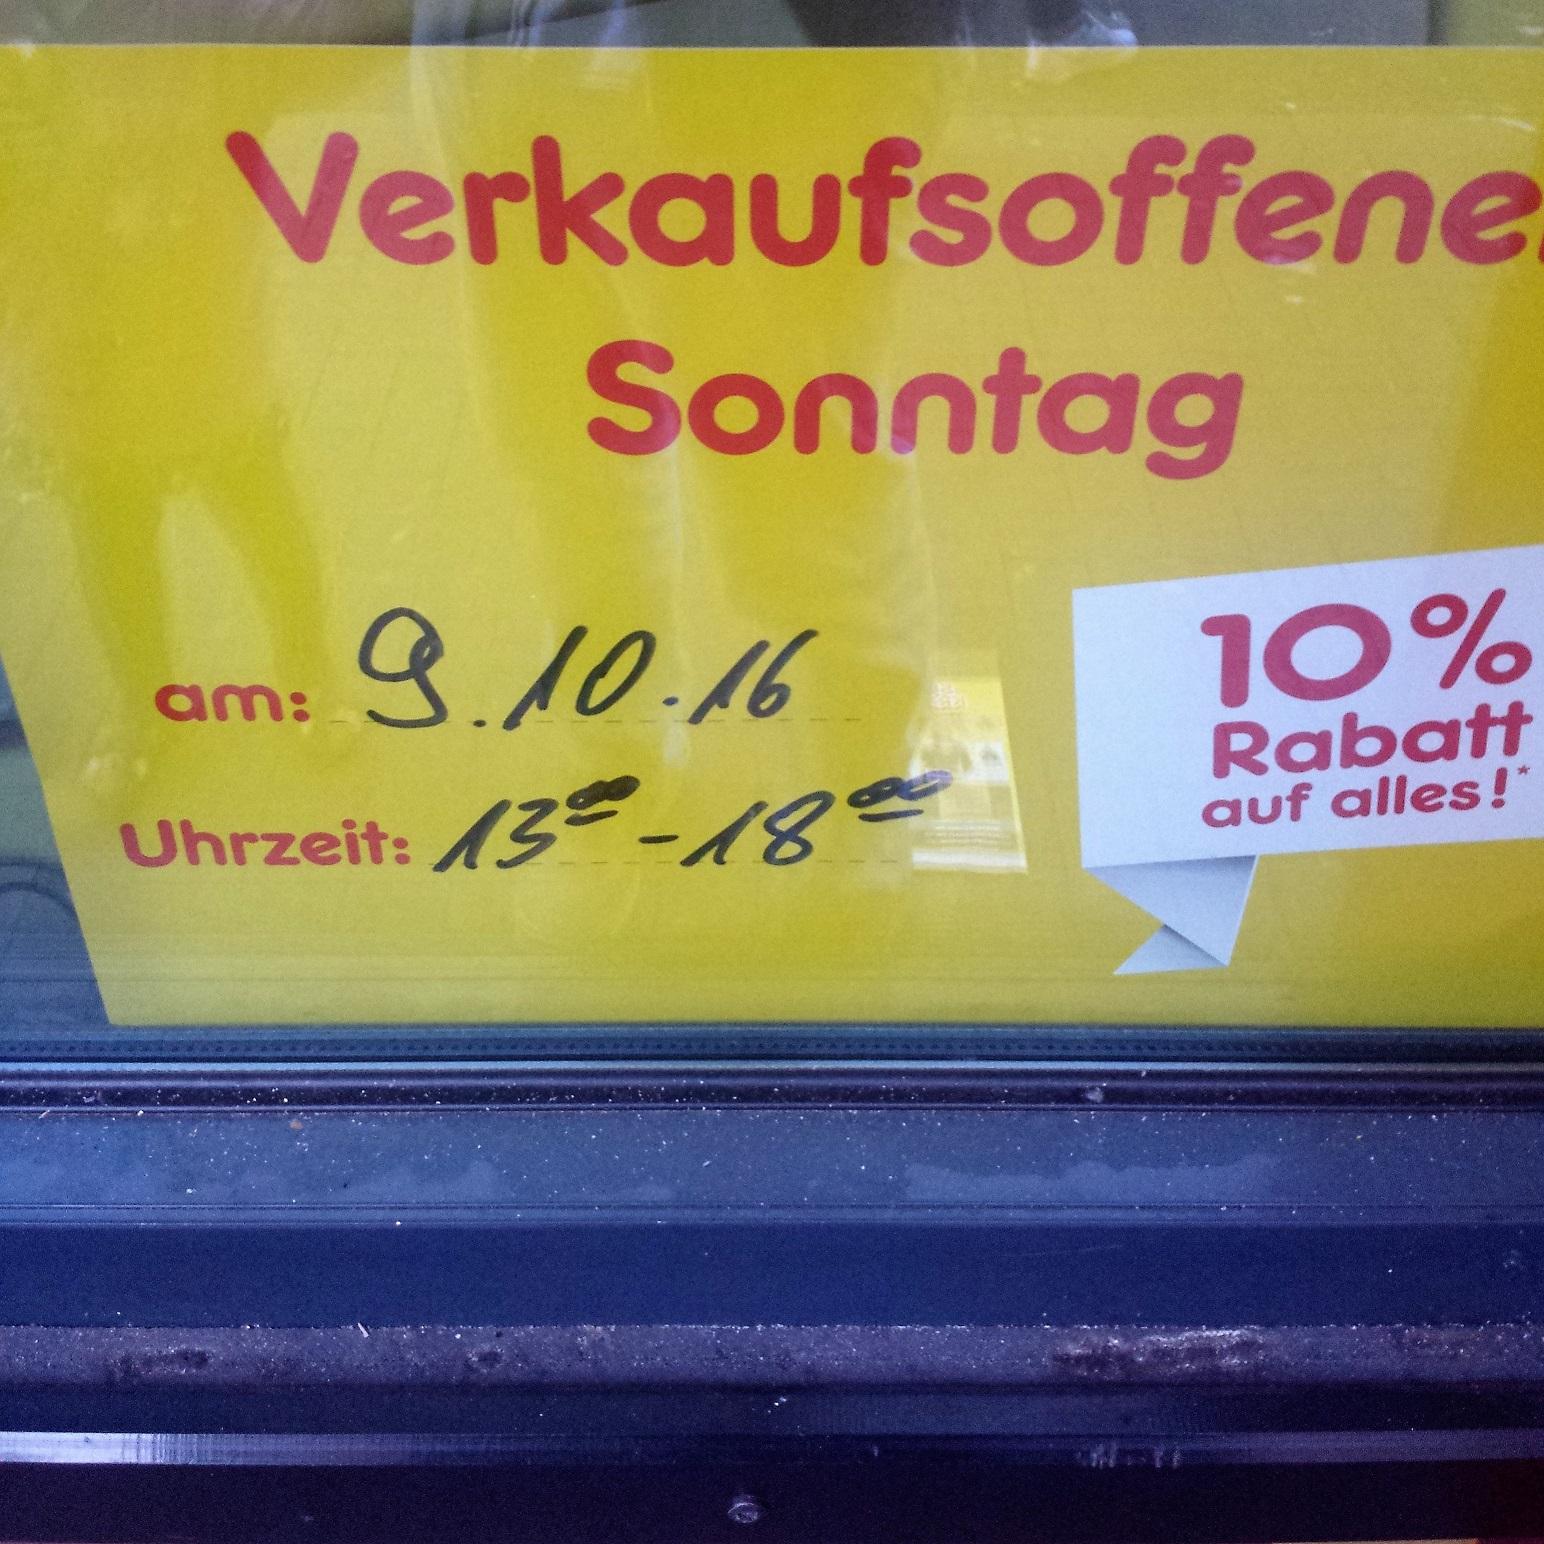 Mönchengladbach - 10% auf alles bei NETTO Lüpertzenderstr. am Sonntag